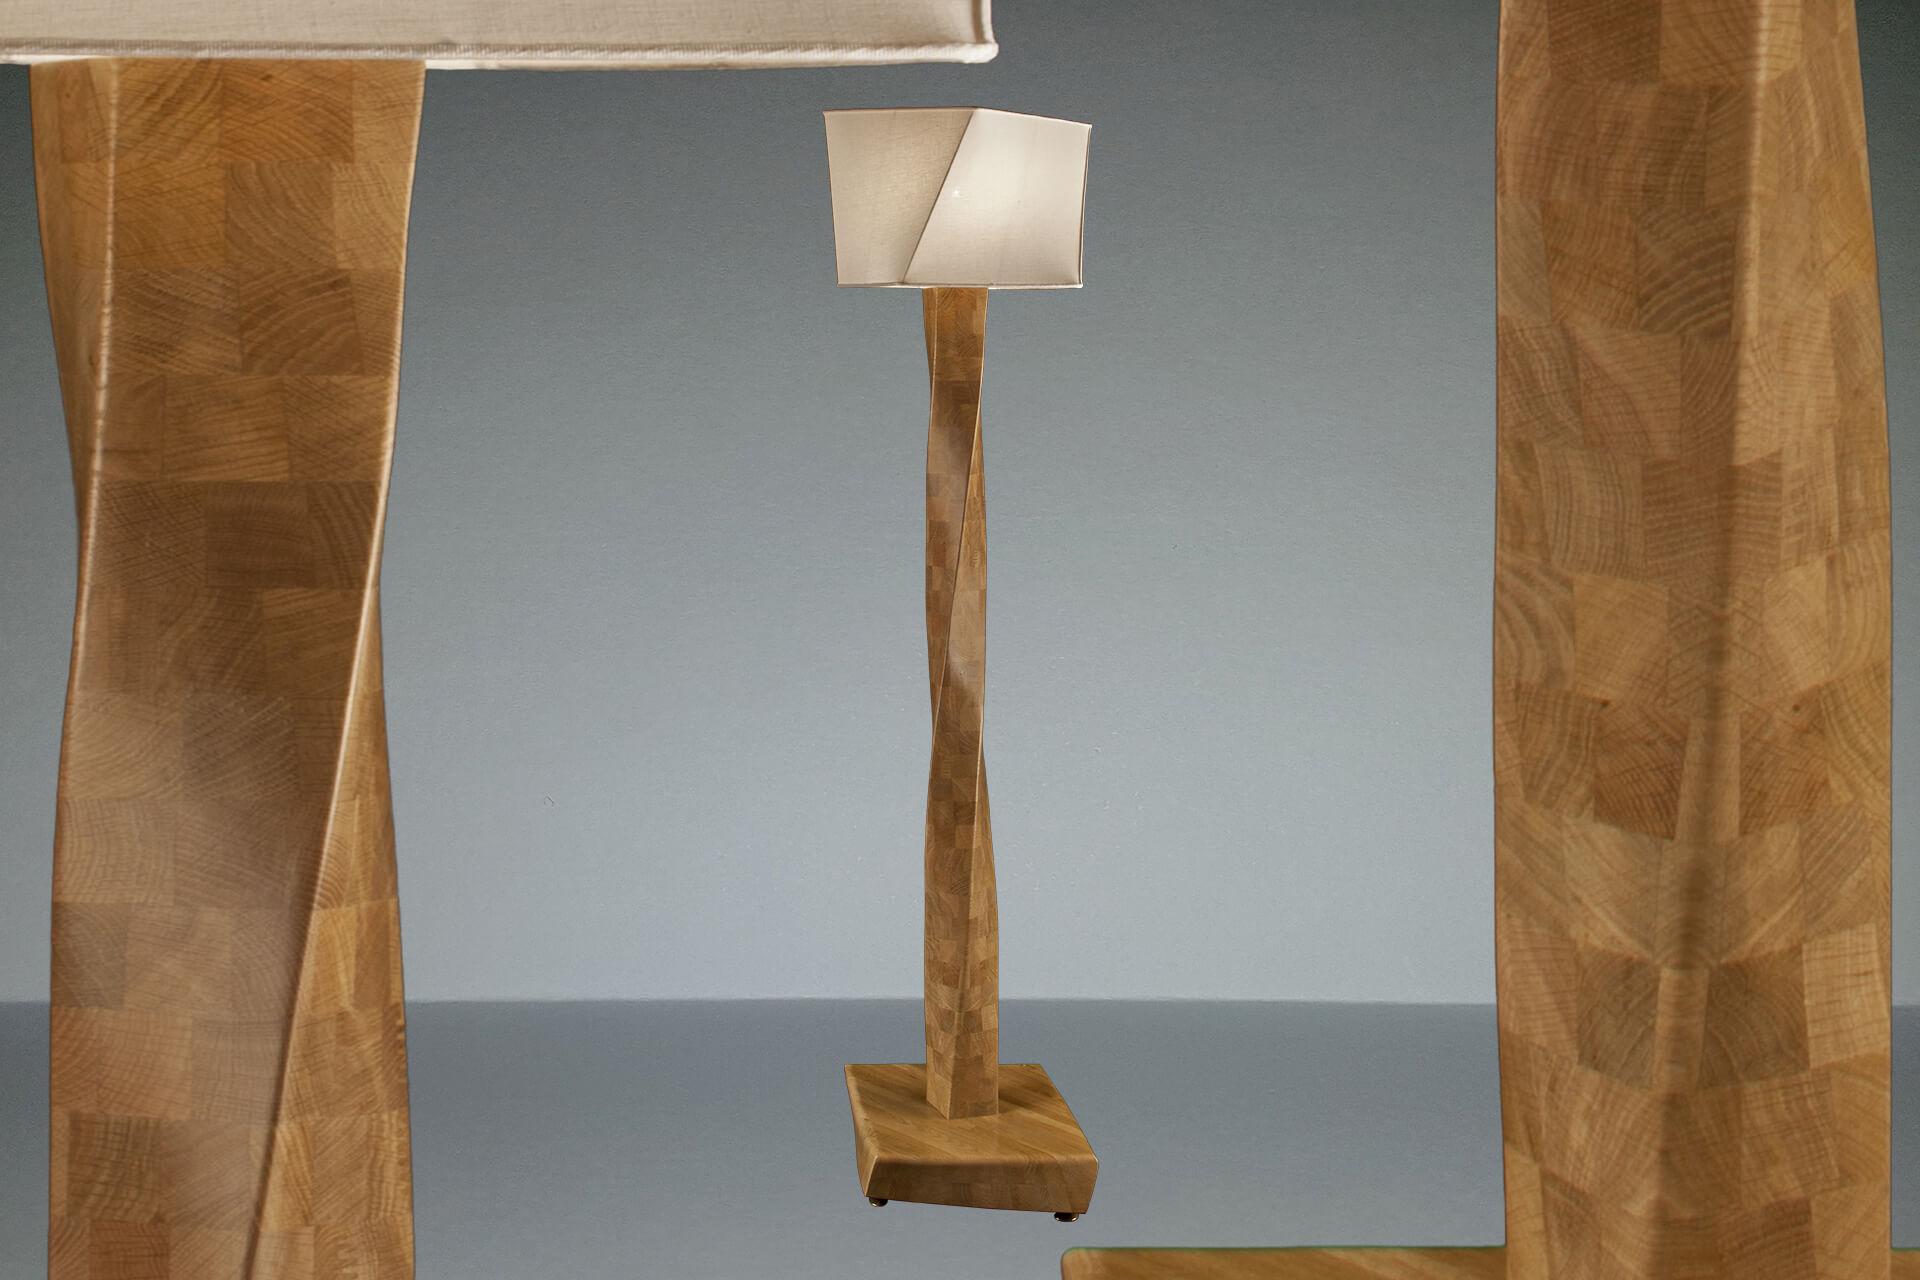 Handgemachten design stehlampe von eichenholz in italien